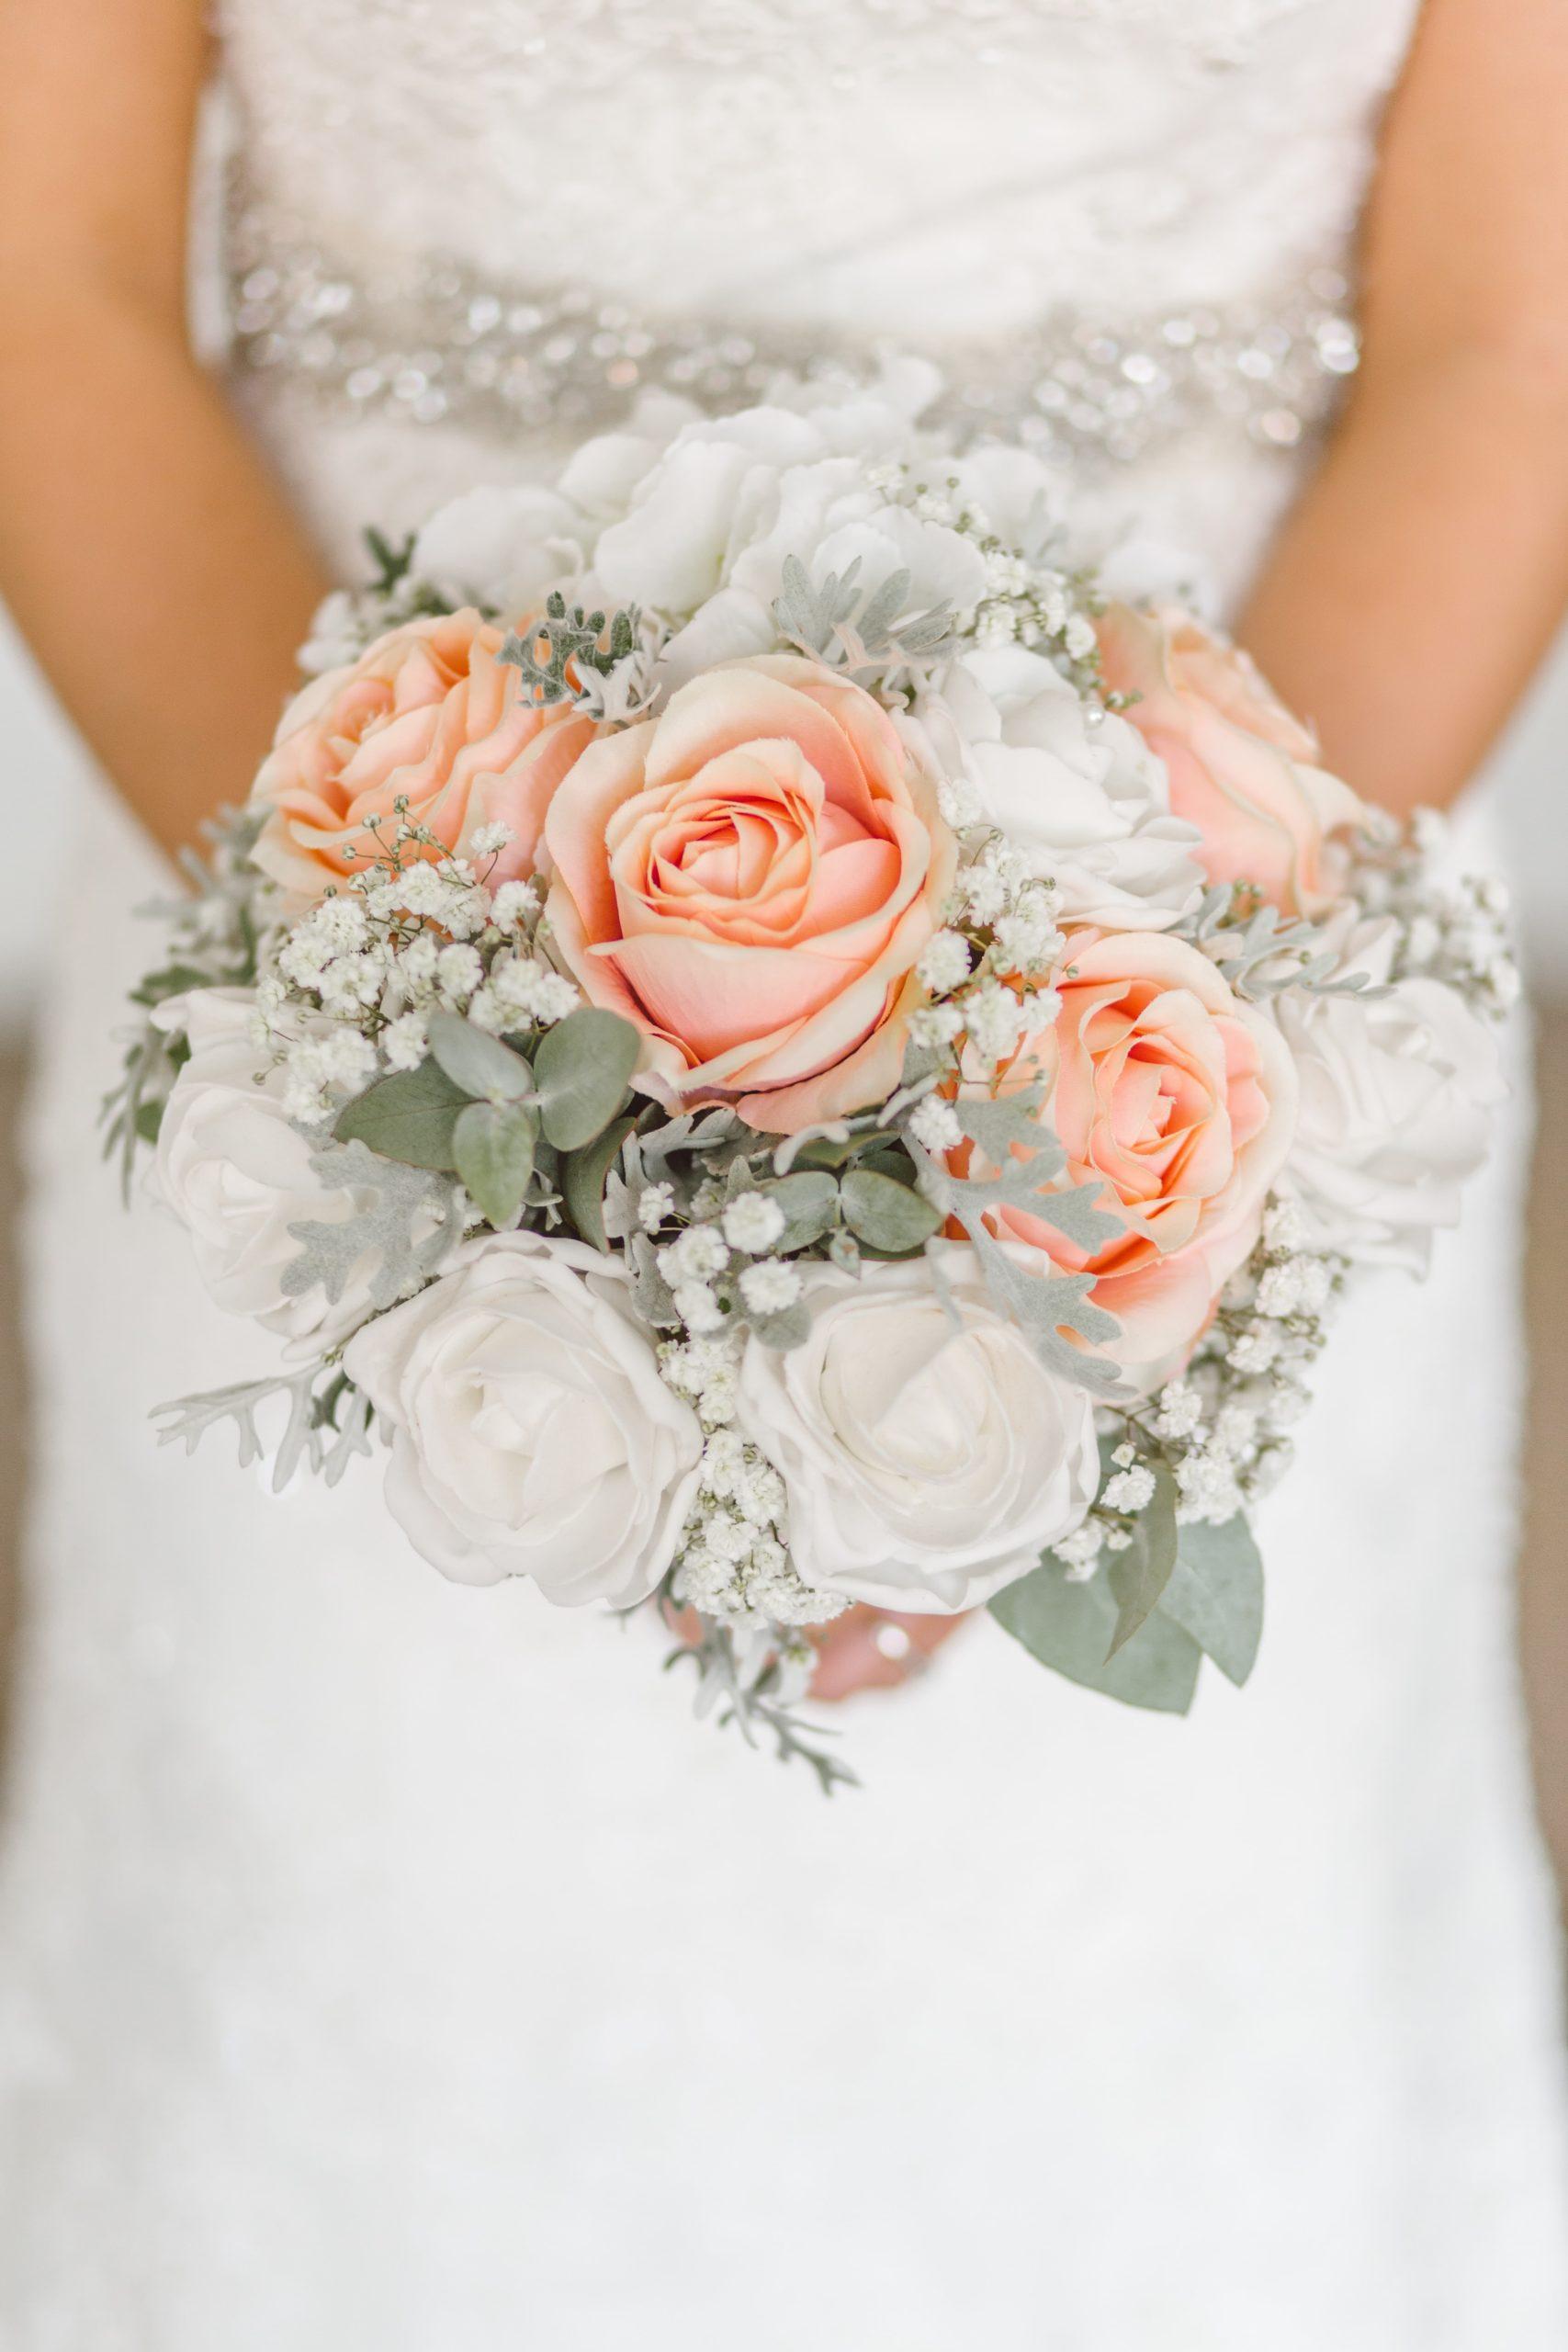 Le mariage parfait qui satisfera nos désirs les plus profonds